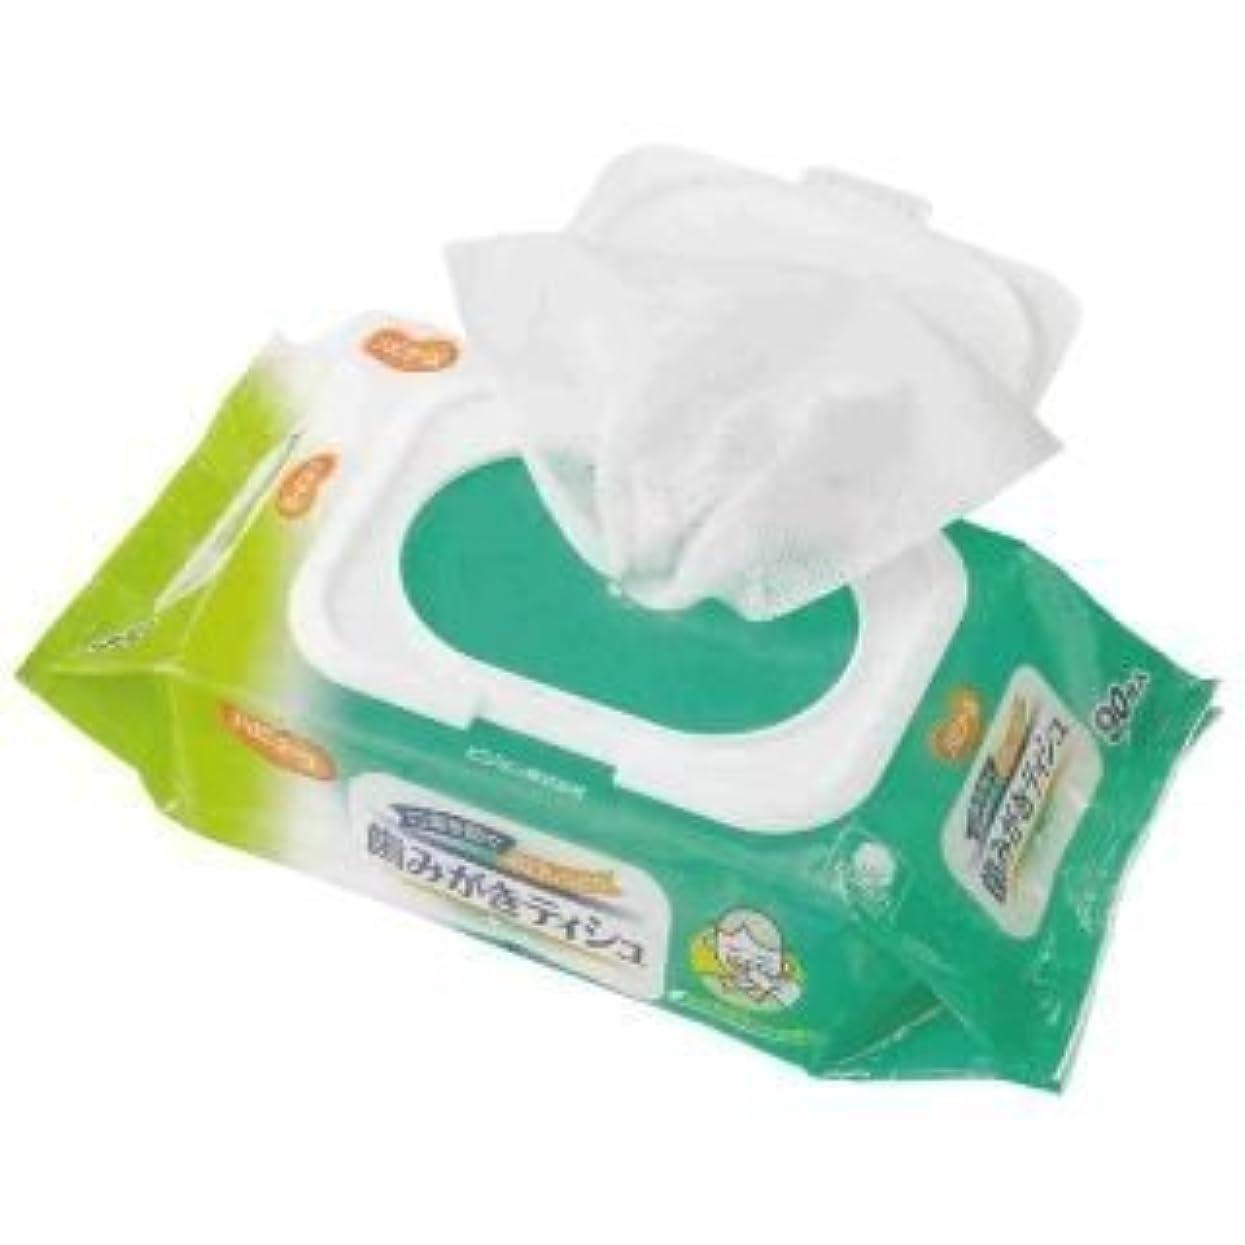 期限切れ花火触覚口臭を防ぐ&お口しっとり!ふきとりやすいコットンメッシュシート!お口が乾燥して、お口の臭いが気になるときに!歯みがきティシュ 90枚入